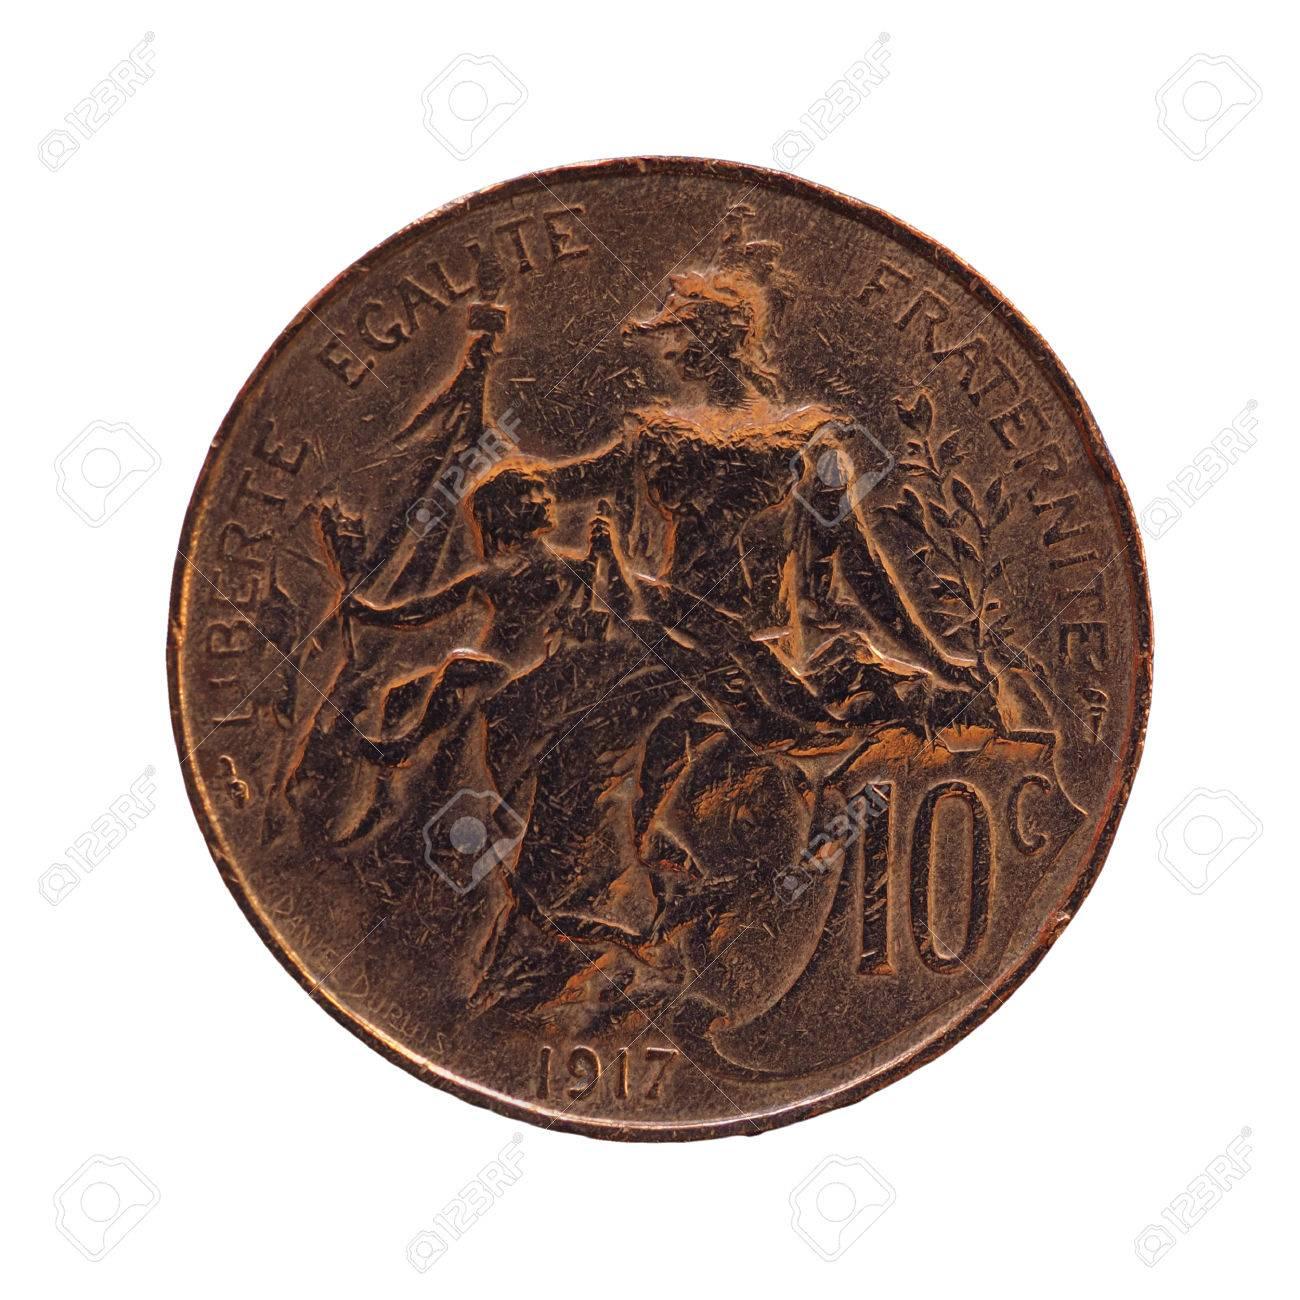 Alte Französische Münze 10 Cent Isoliert über Weißem Hintergrund